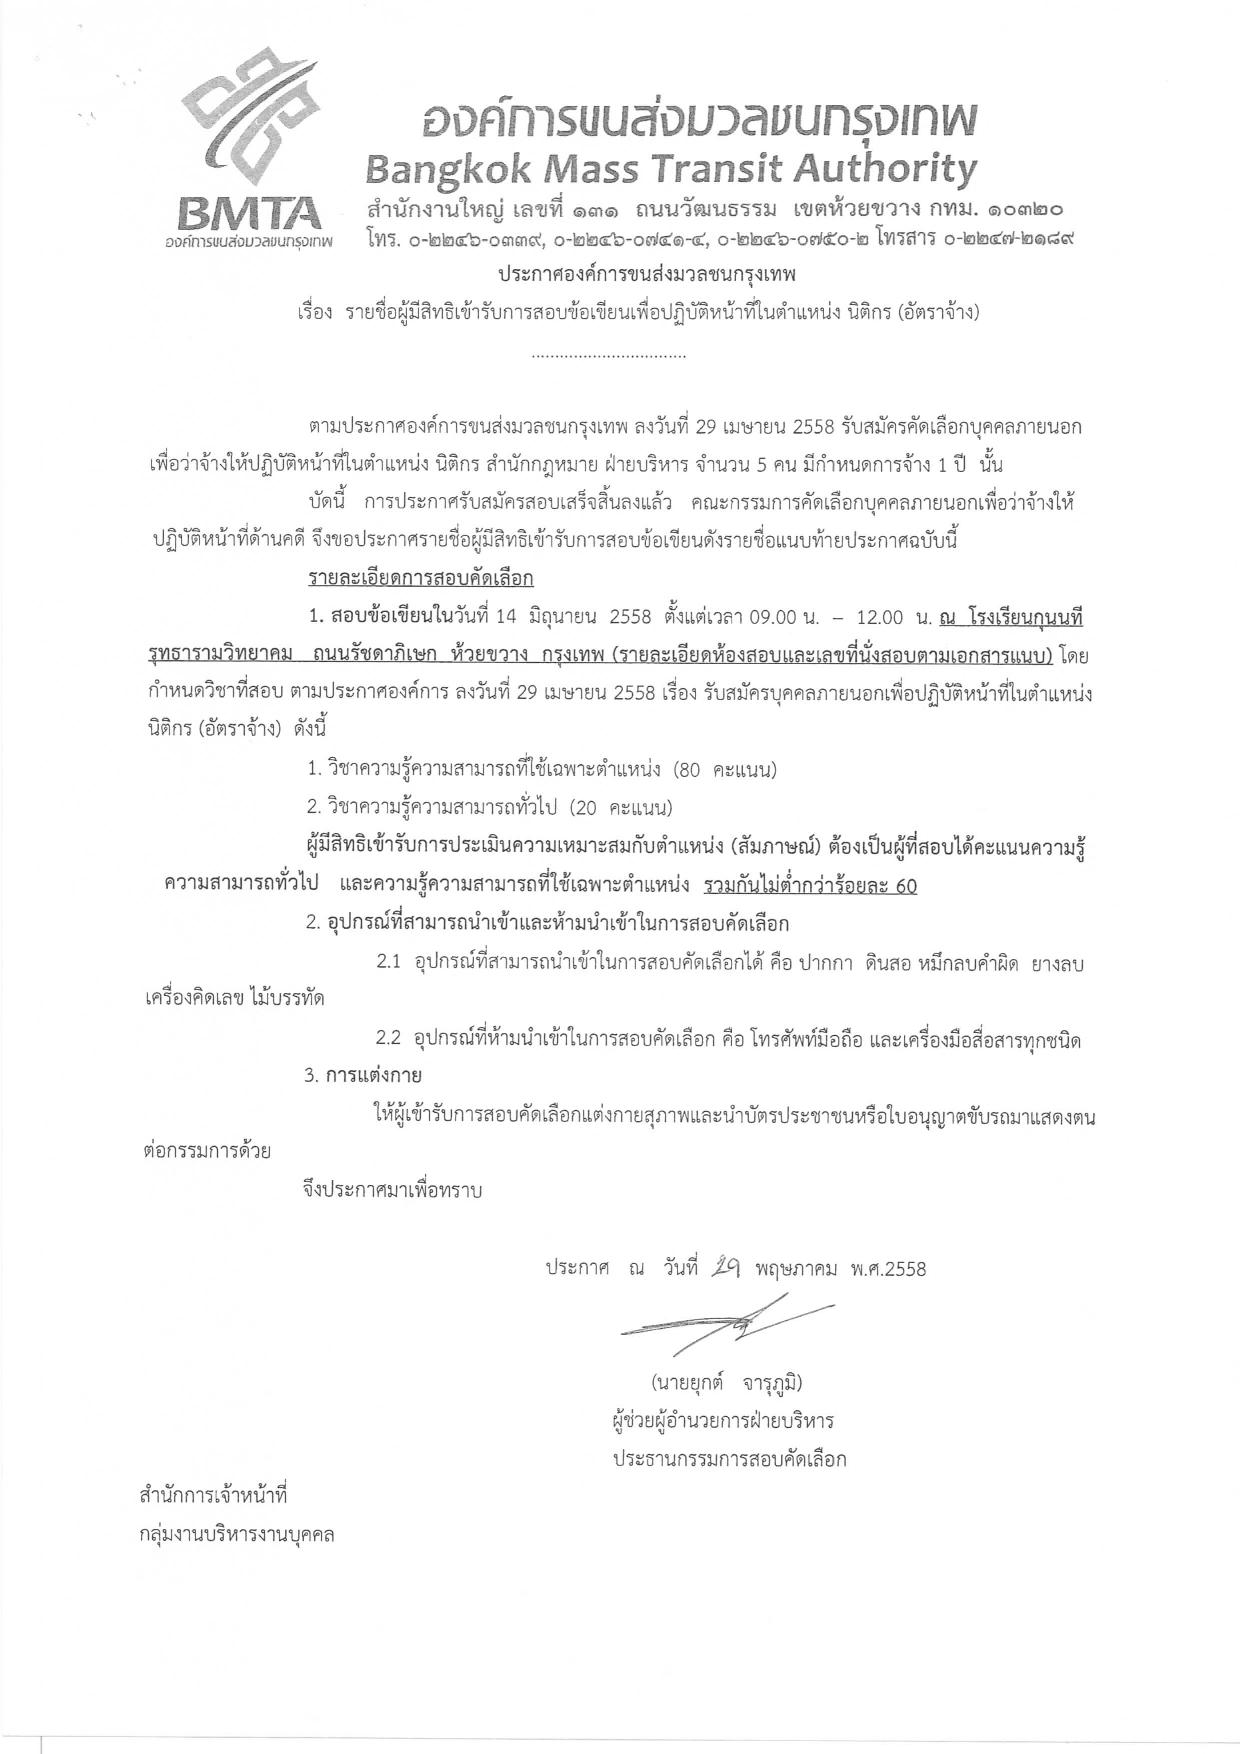 ภาพประกอบ เรื่อง รายชื่อผู้มีสิทธิเข้ารับการสอบข้อเขียนเพื่อปฏิบัติหน้าที่ในตำแหน่ง นิติกร(อัตราจ้าง)